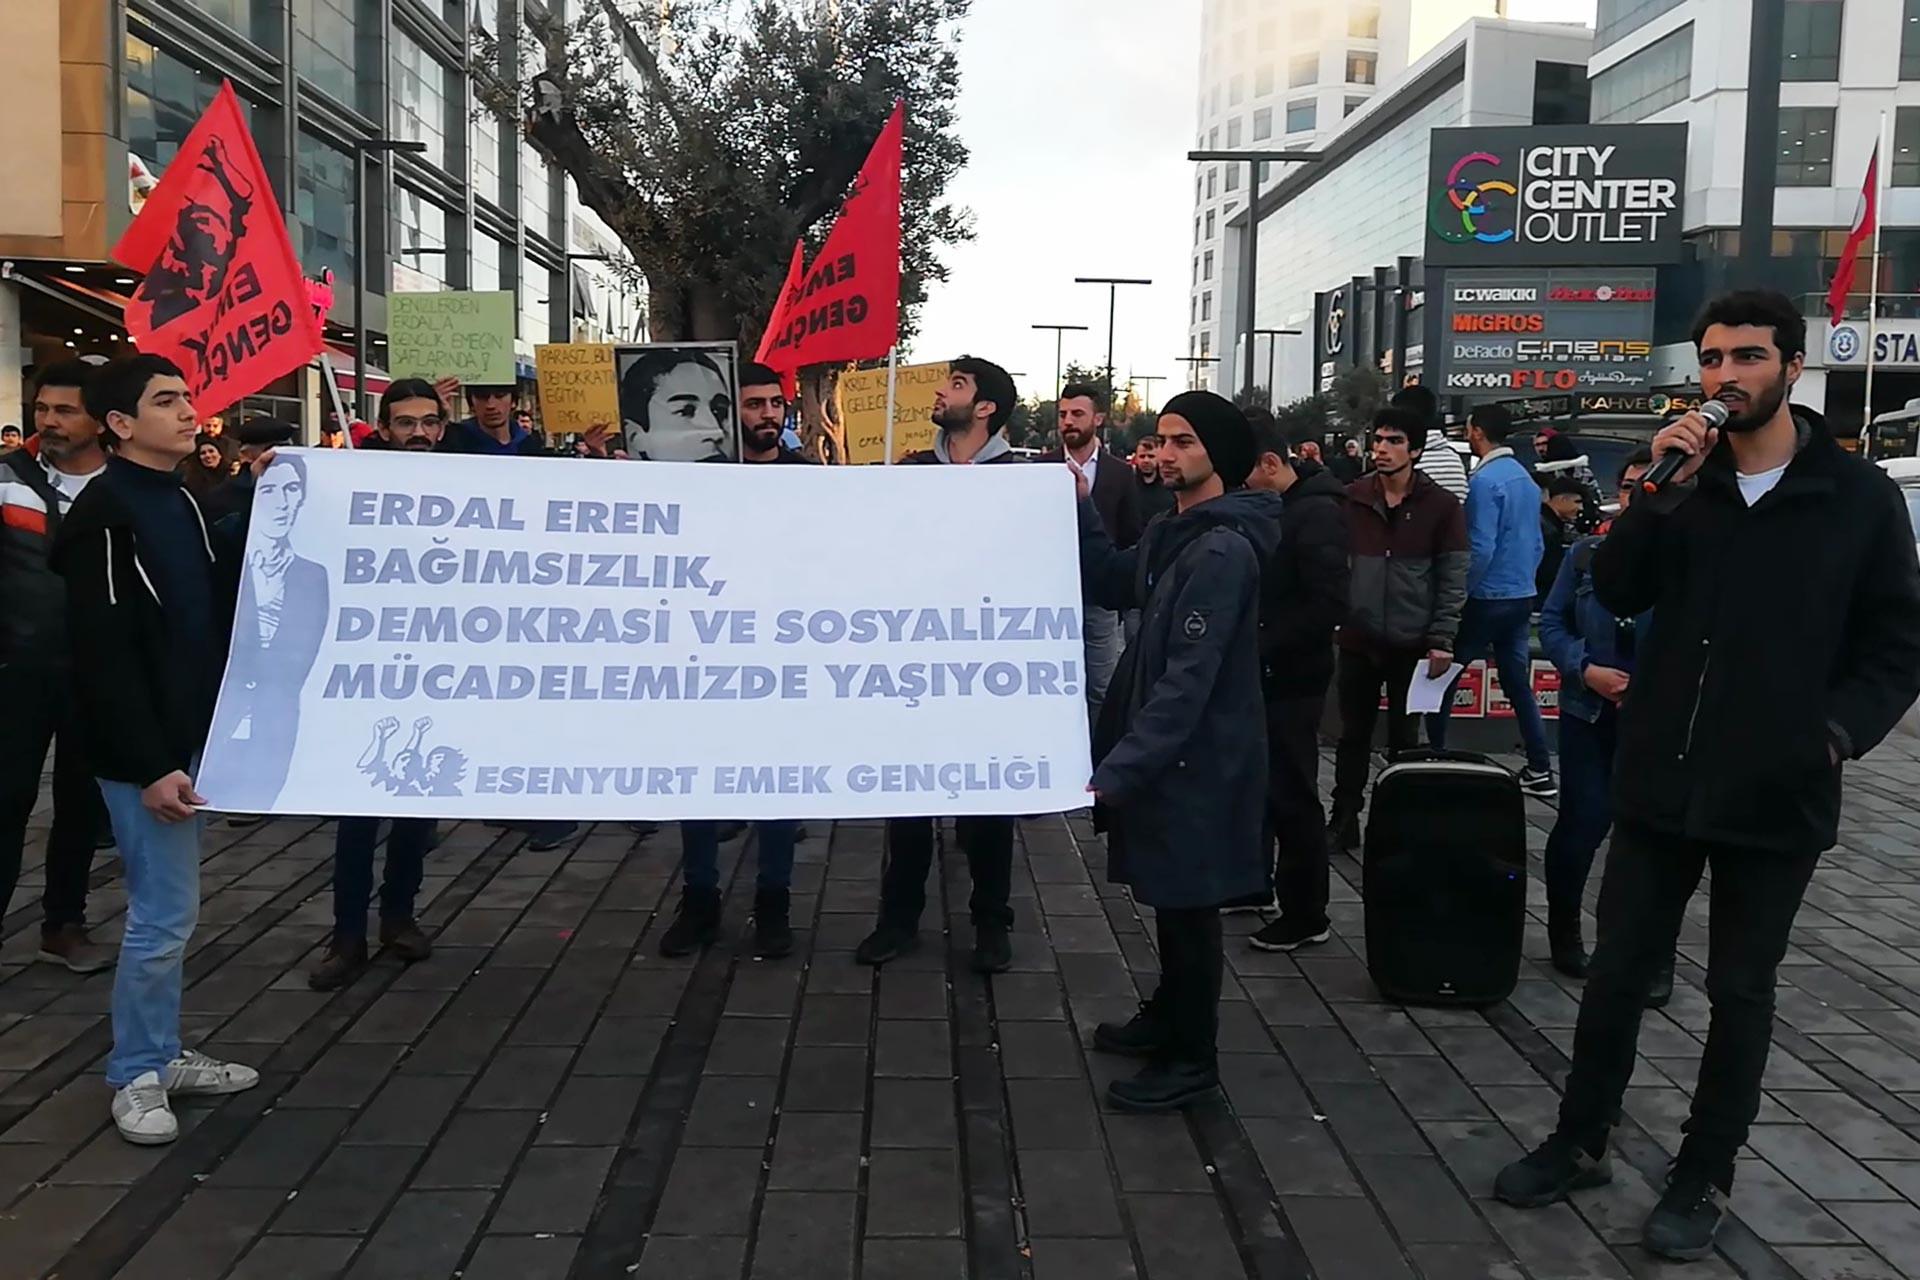 Esenyurt'ta Emek Gençliğinin düzenlediği Erdal Eren anmasında gençler 'Erdal Eren bağımsızlık, demokrasi ve sosyalizm mücadelemizde yaşıyor' yazılı pankart tutarken